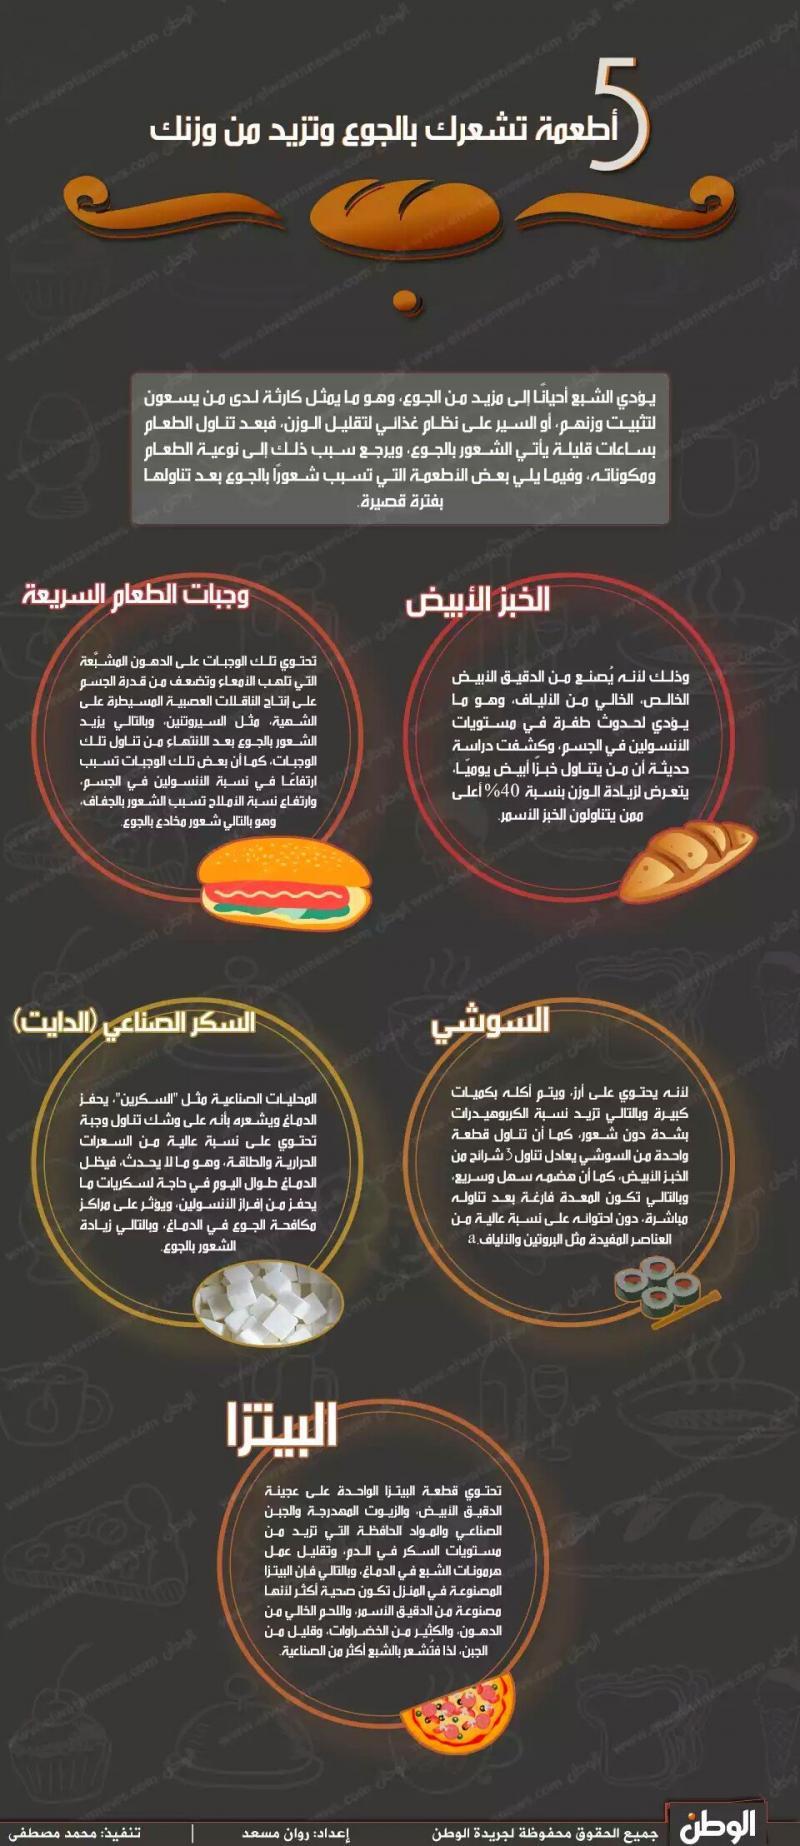 5 أطعمة تشعرك بالجوع وتزيد من وزنك #تخسيس #انفوجرافيك